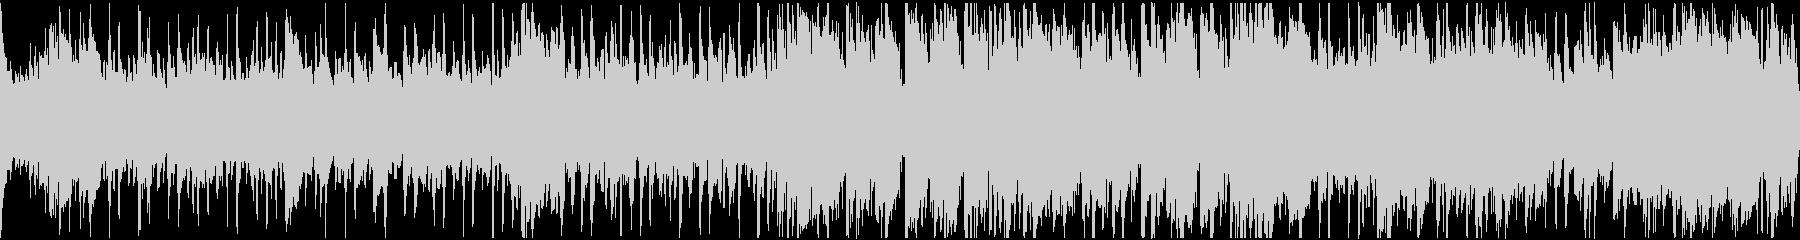 ロマの切ないワルツ・ループの未再生の波形